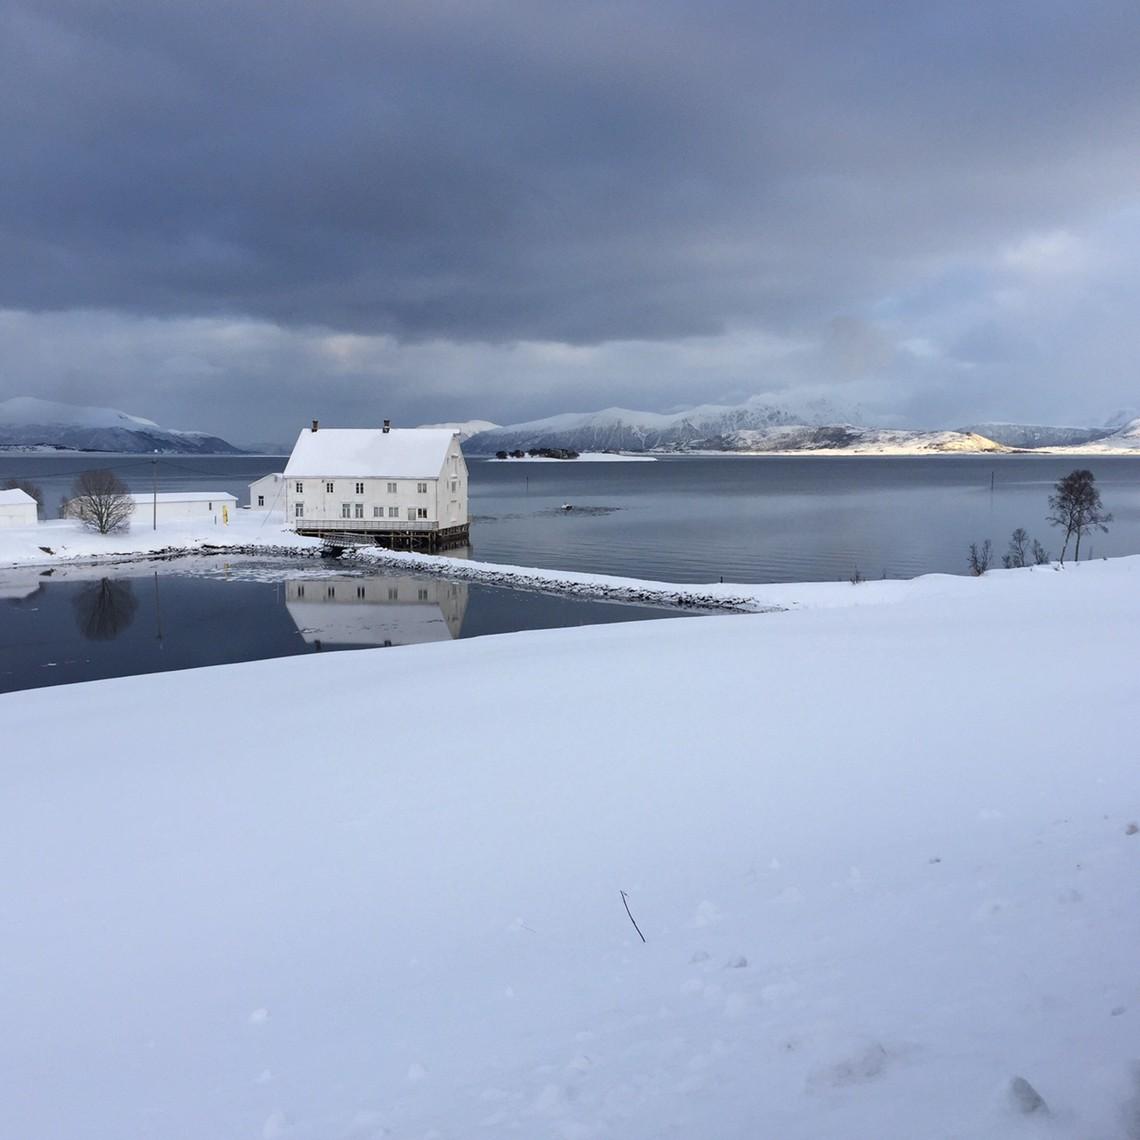 Huis in het noorden van noorwegen